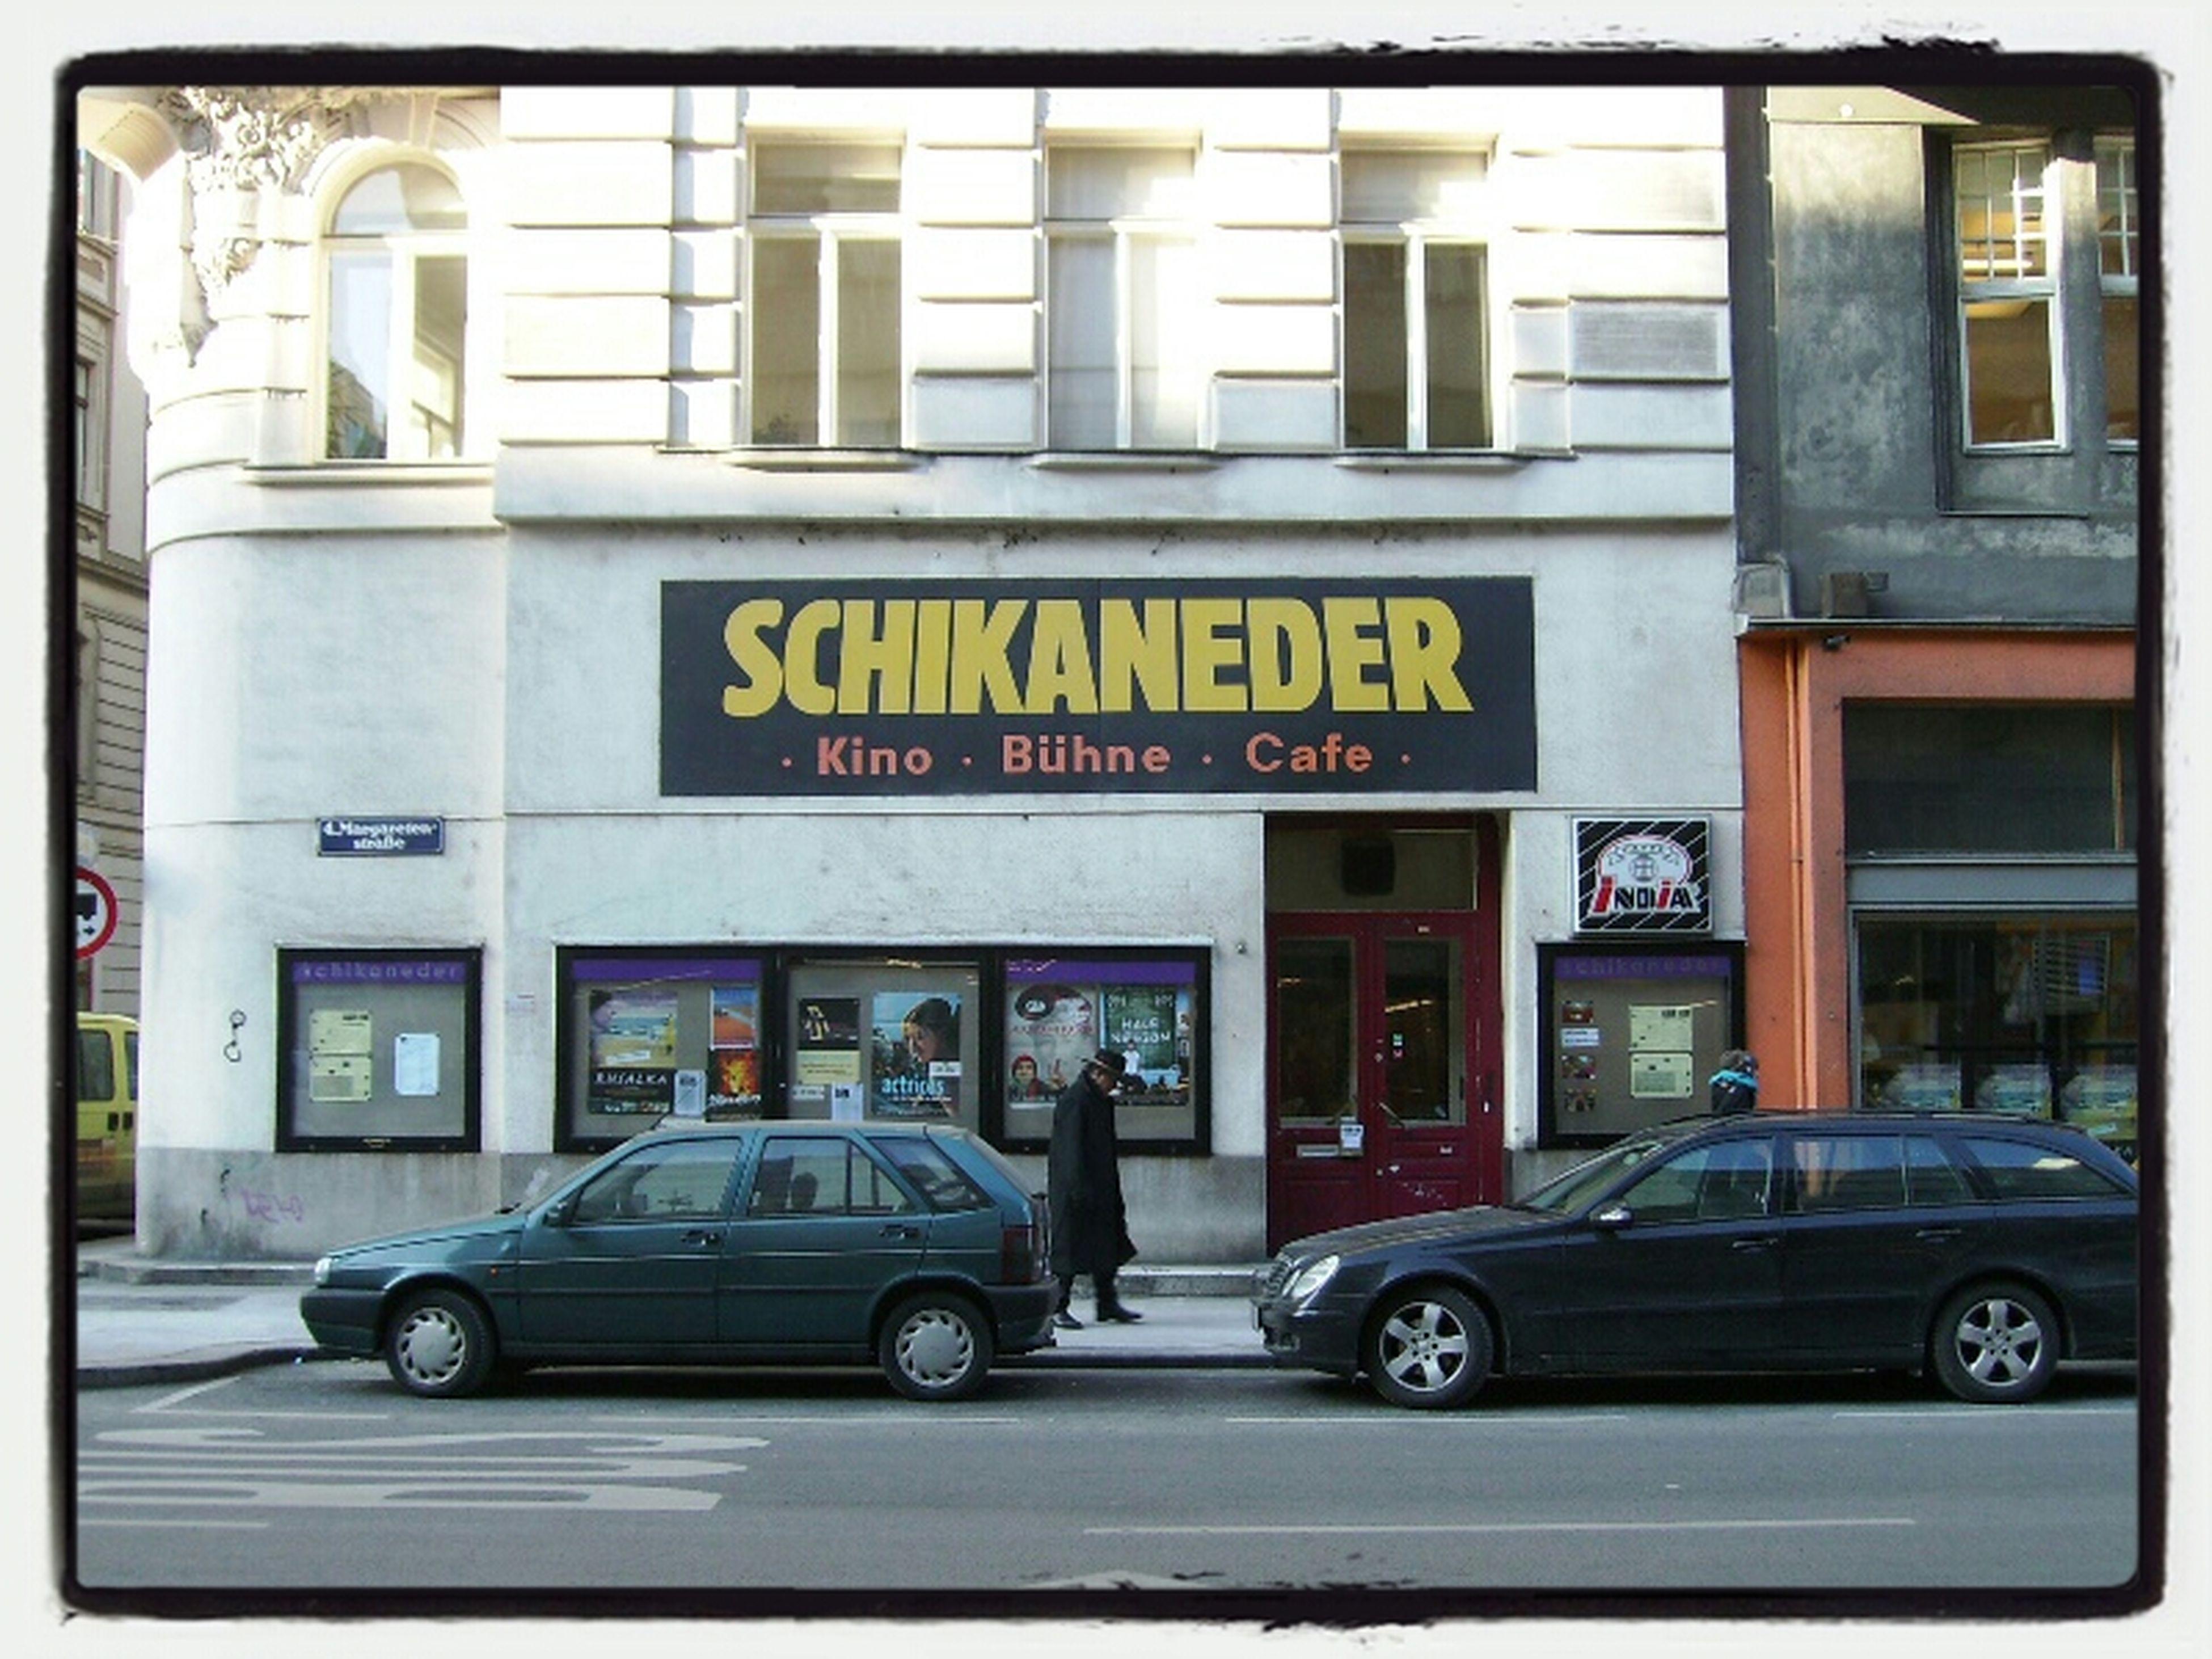 Cafe Bühne Kino Schikaneder